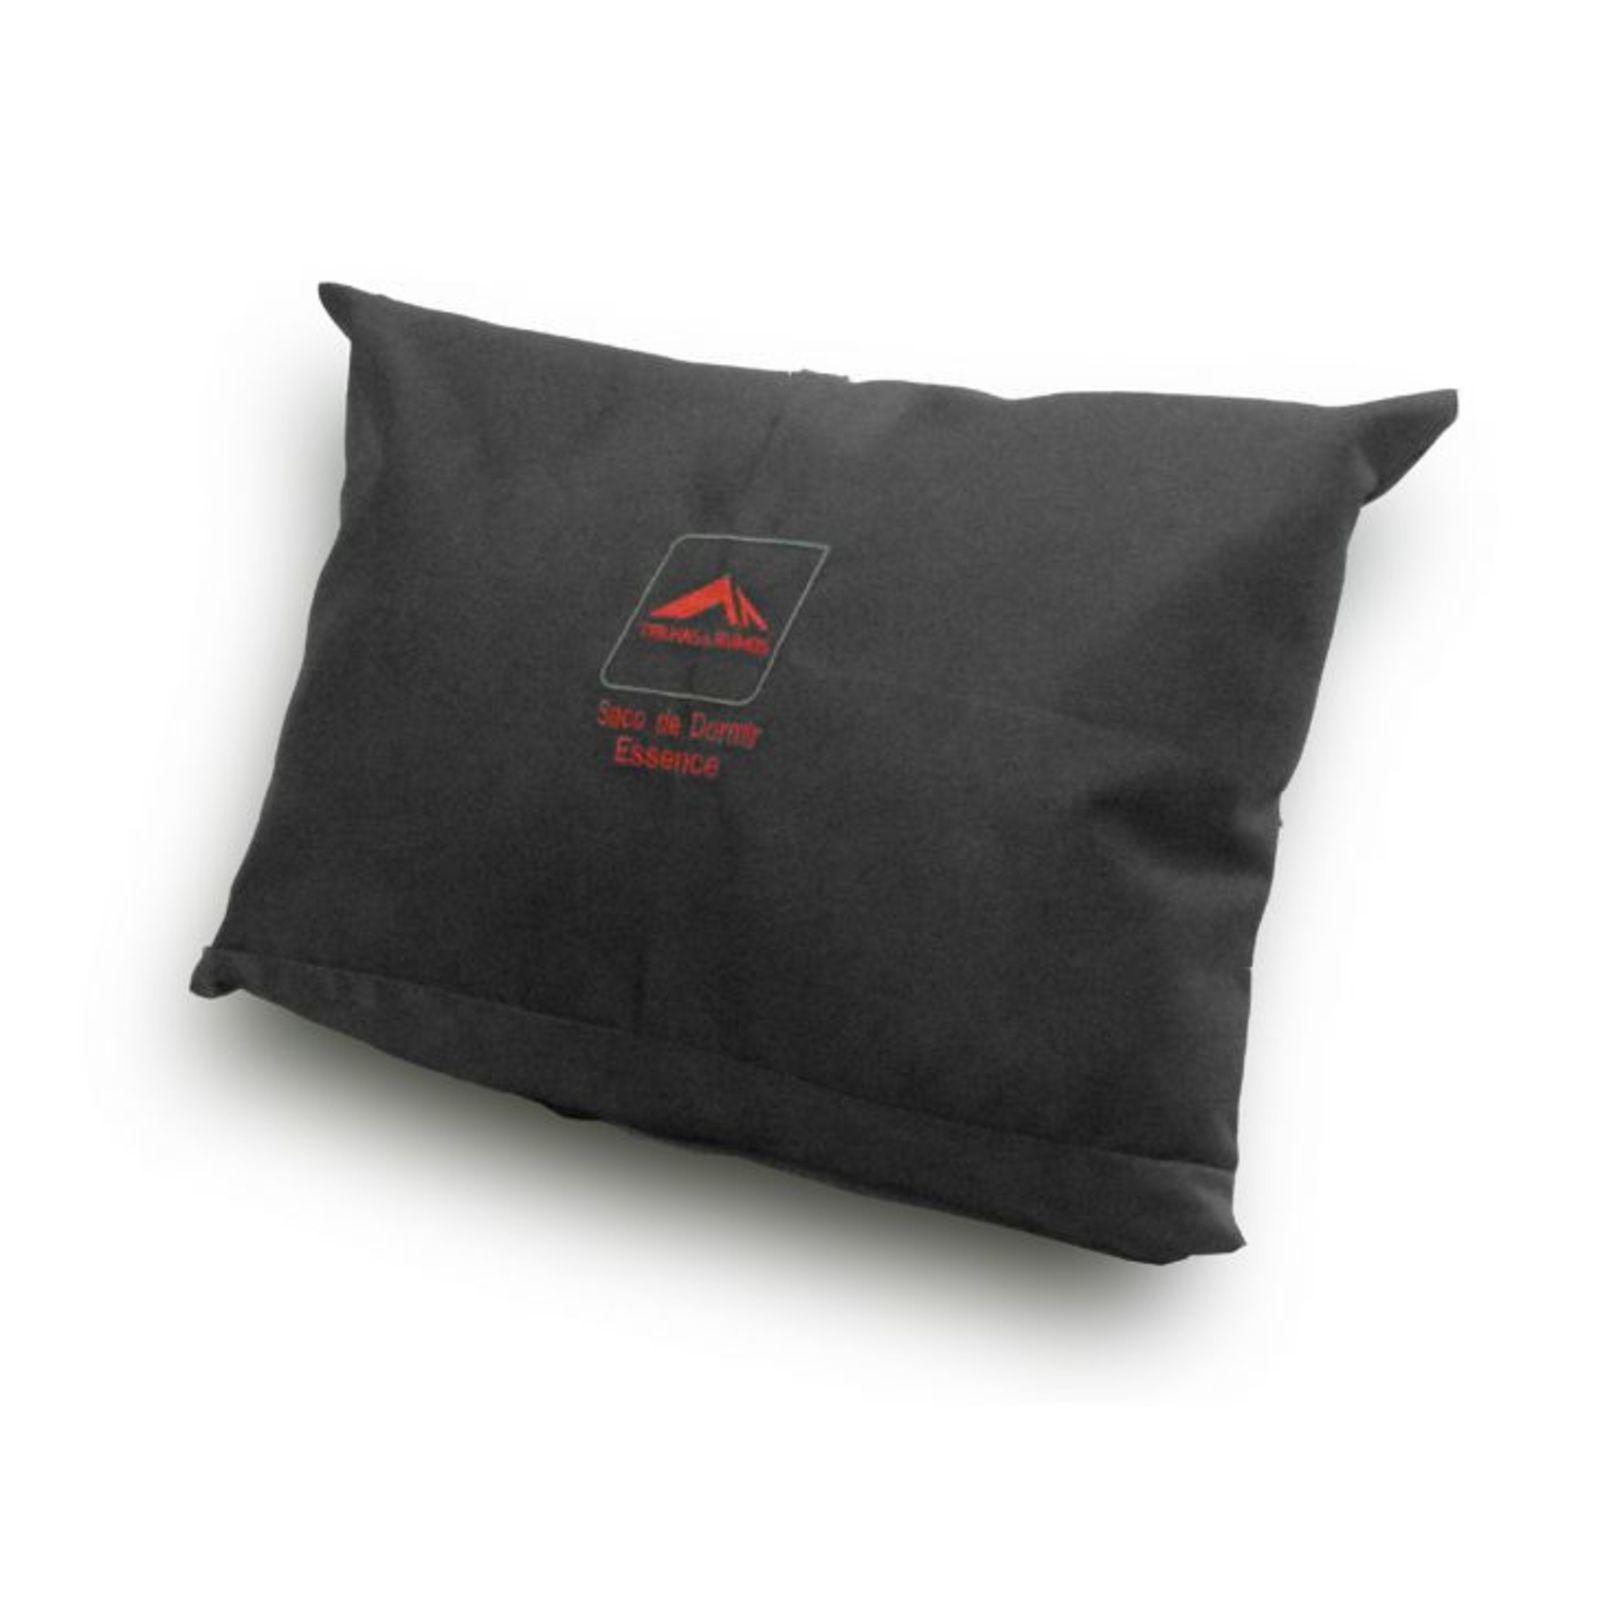 Saco de Dormir Trilhas & Rumos Essence